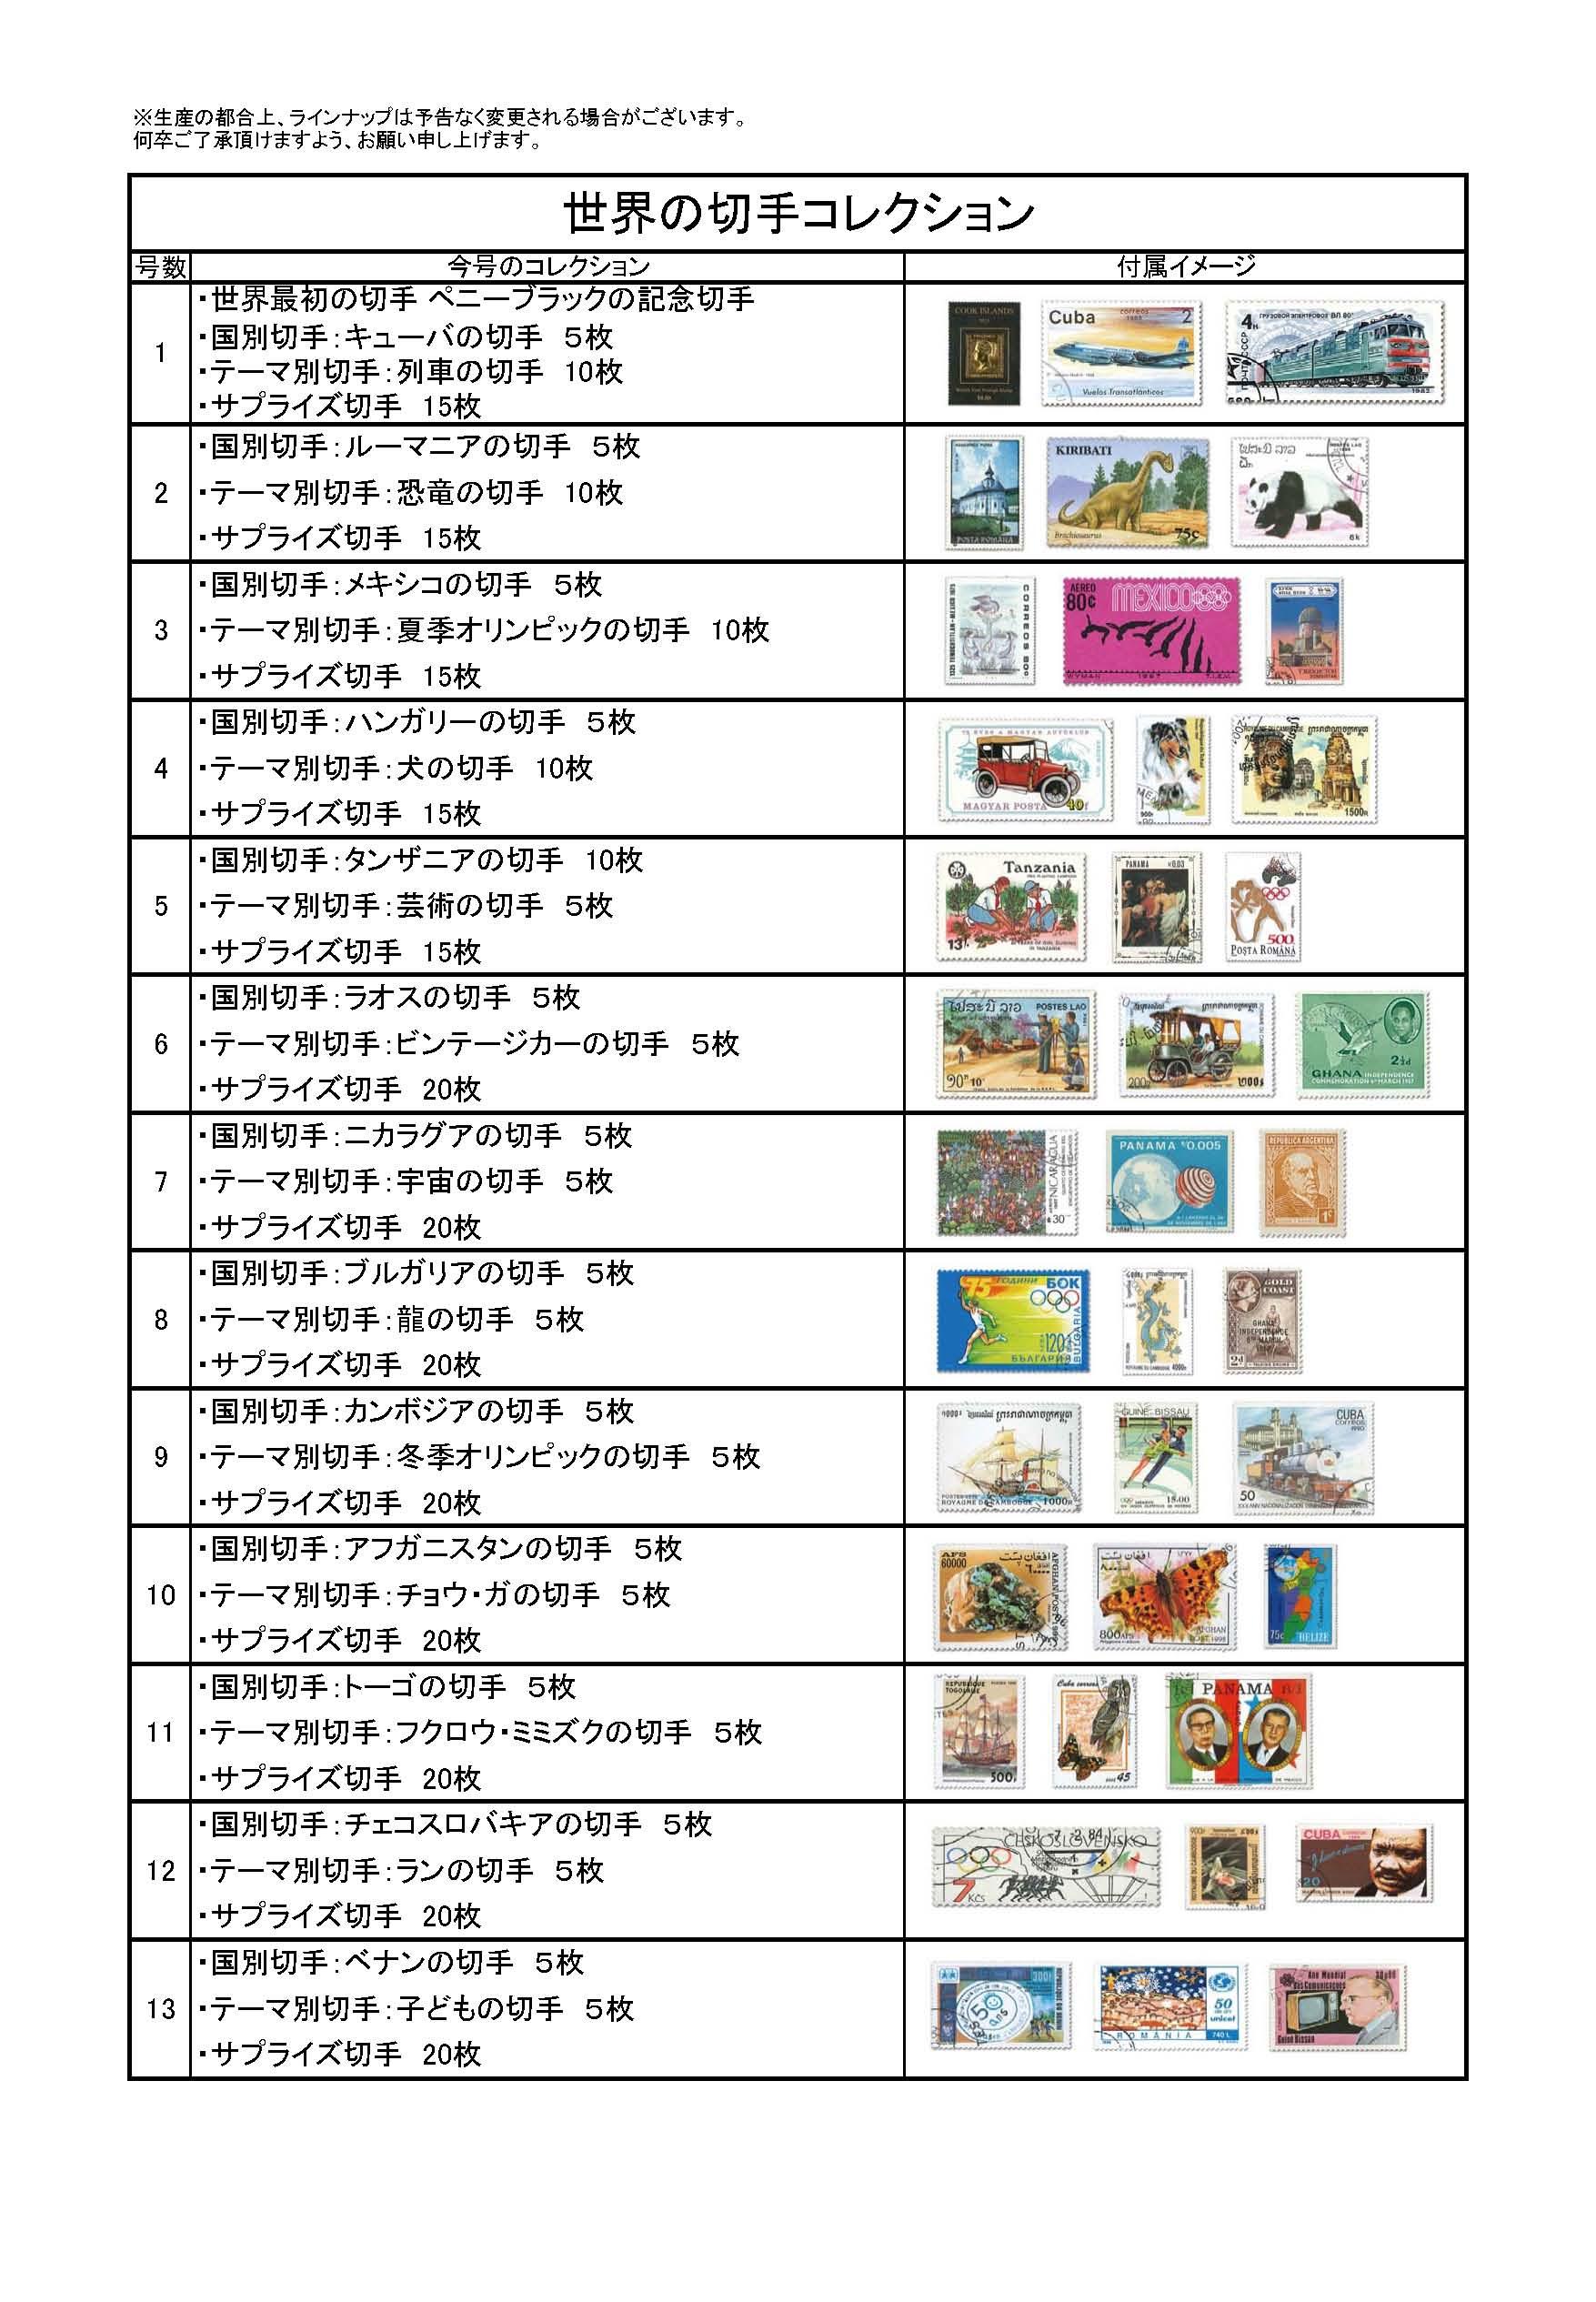 付属切手ラインナップ_20180115_ページ_01.jpg